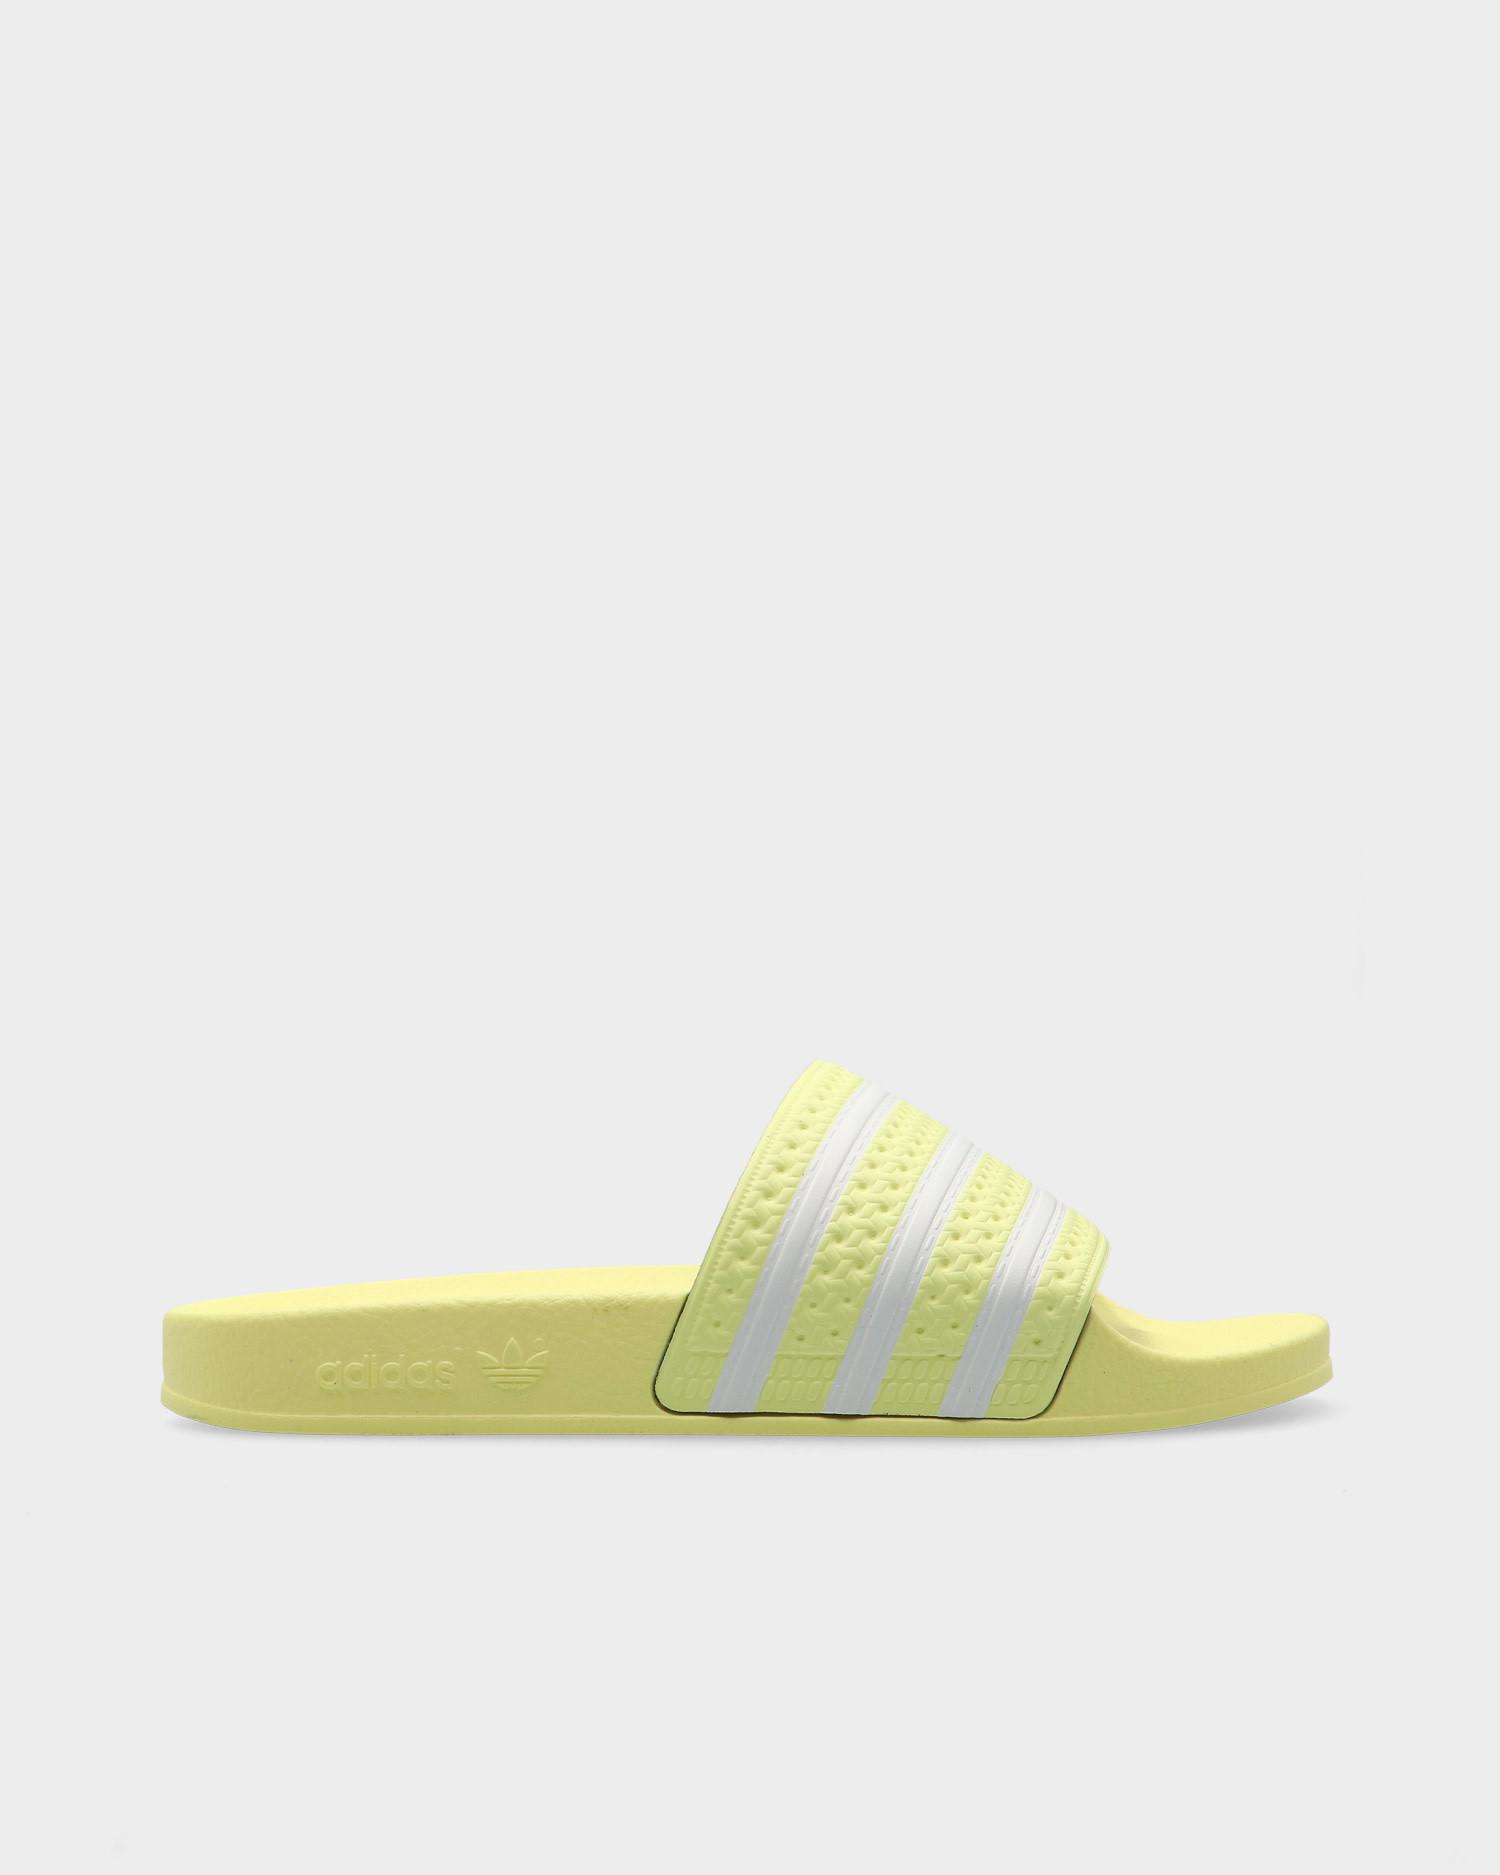 Adidas Adilette Pulyel/Ftwwht/Pulyel